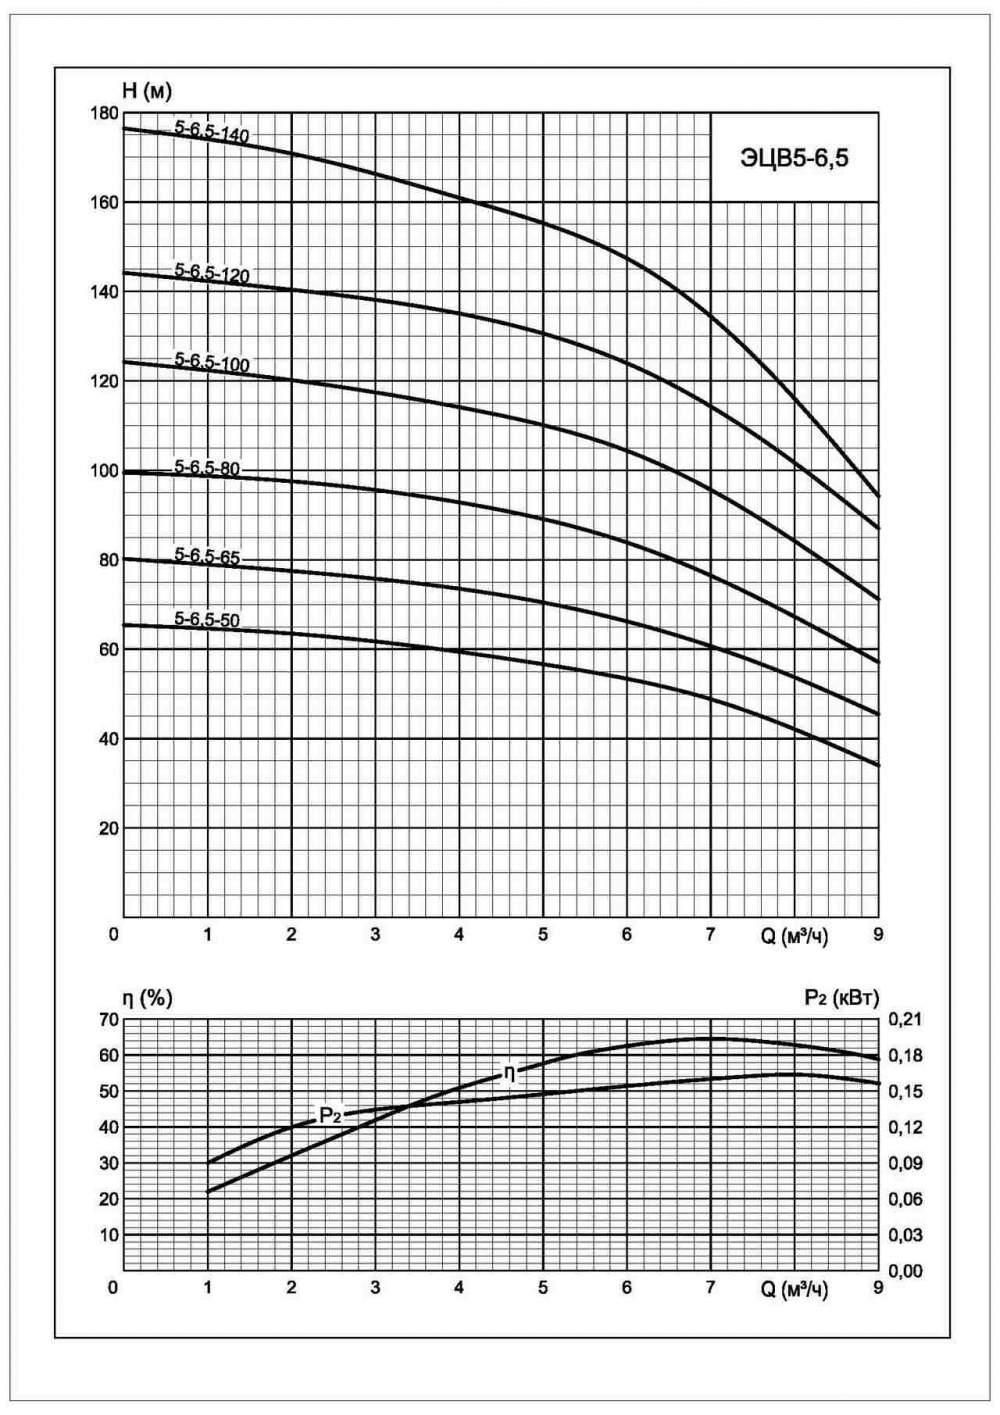 Характеристики ЭЦВ 5-6,5-140